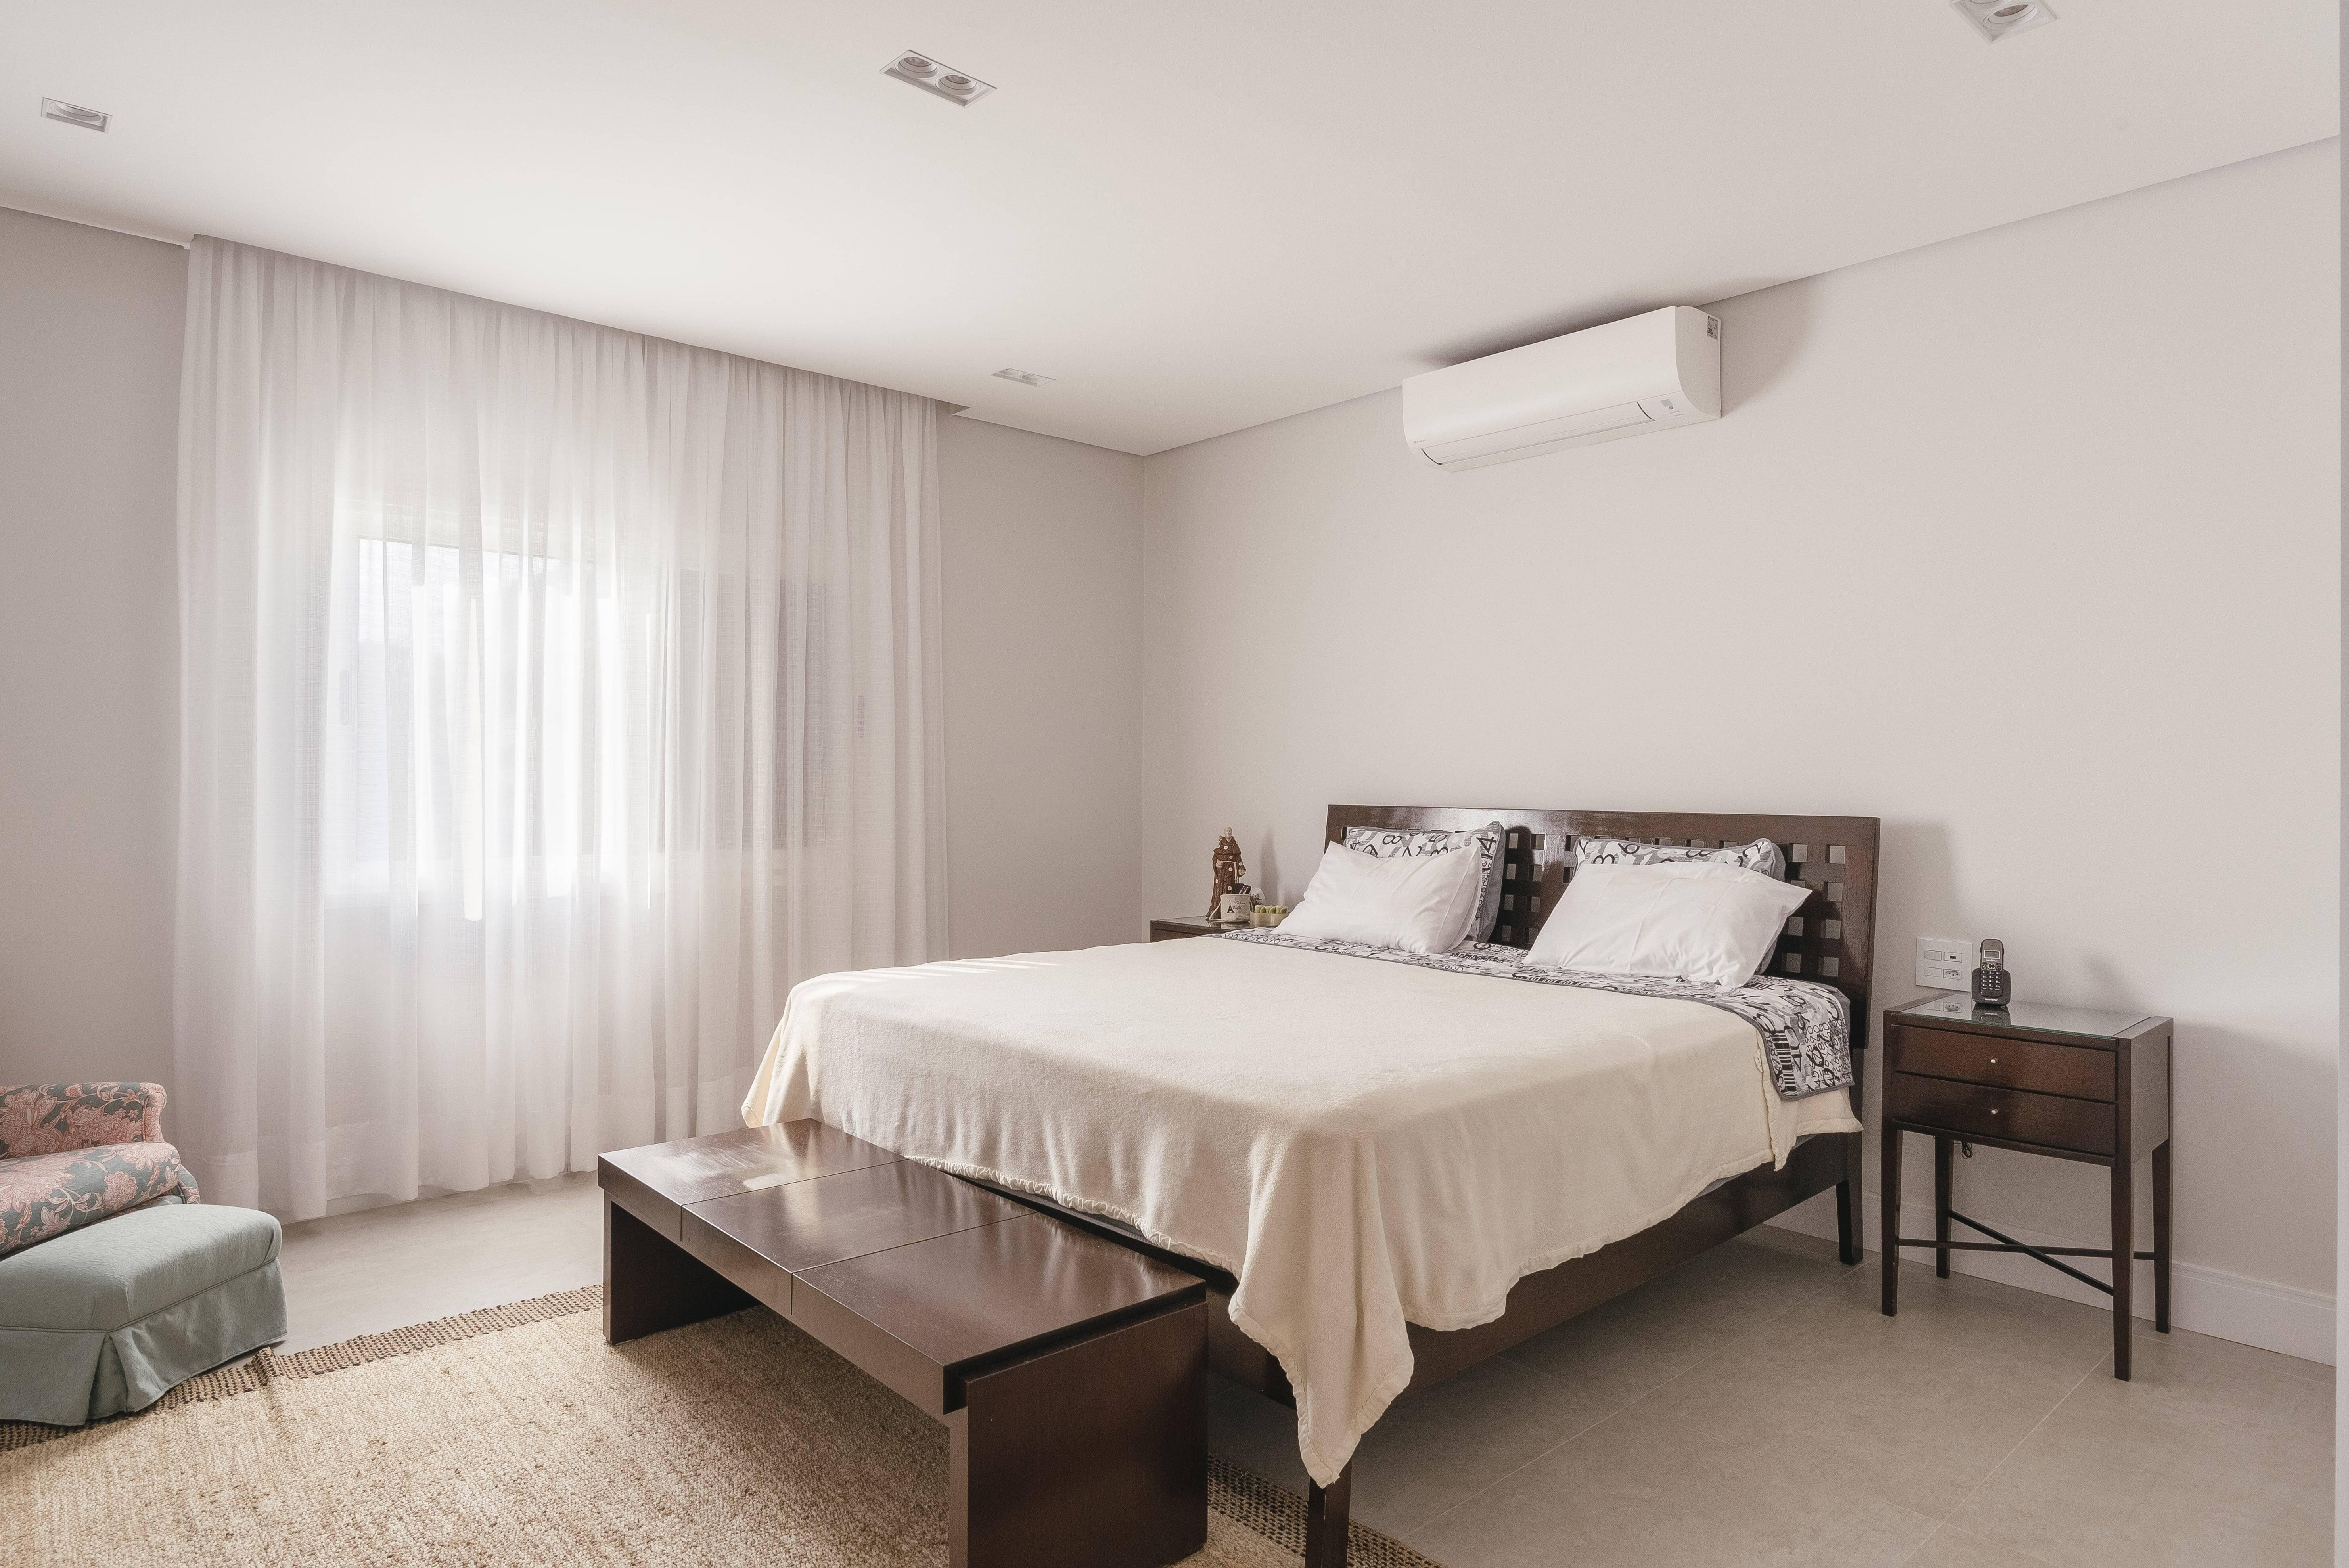 Ao usar as camas de madeira e metal na decoração do quarto, é preciso levar em conta os arredores do quarto. Foto: Henrique Ribeiro